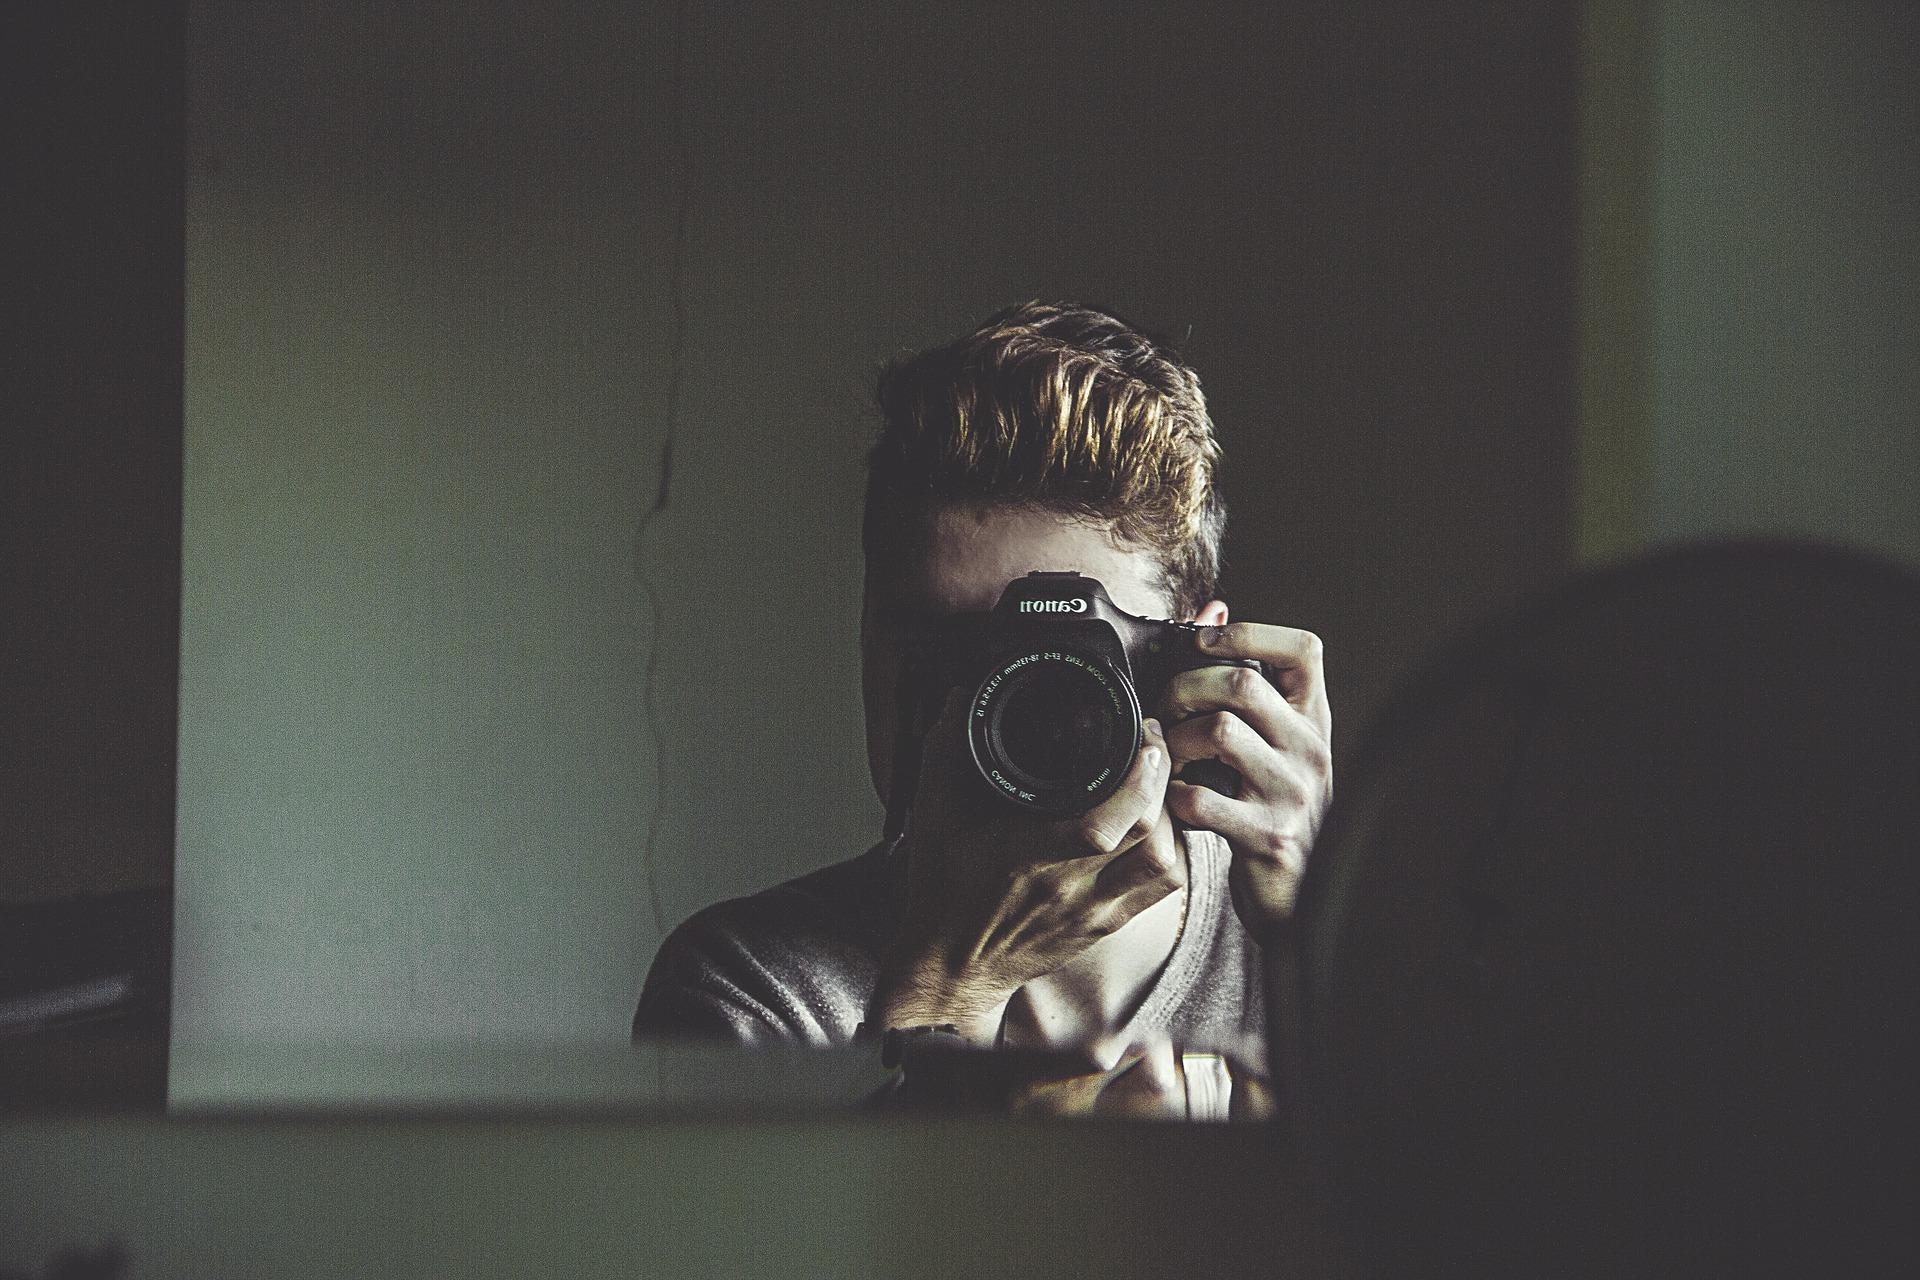 camera-1845879_1920.jpg